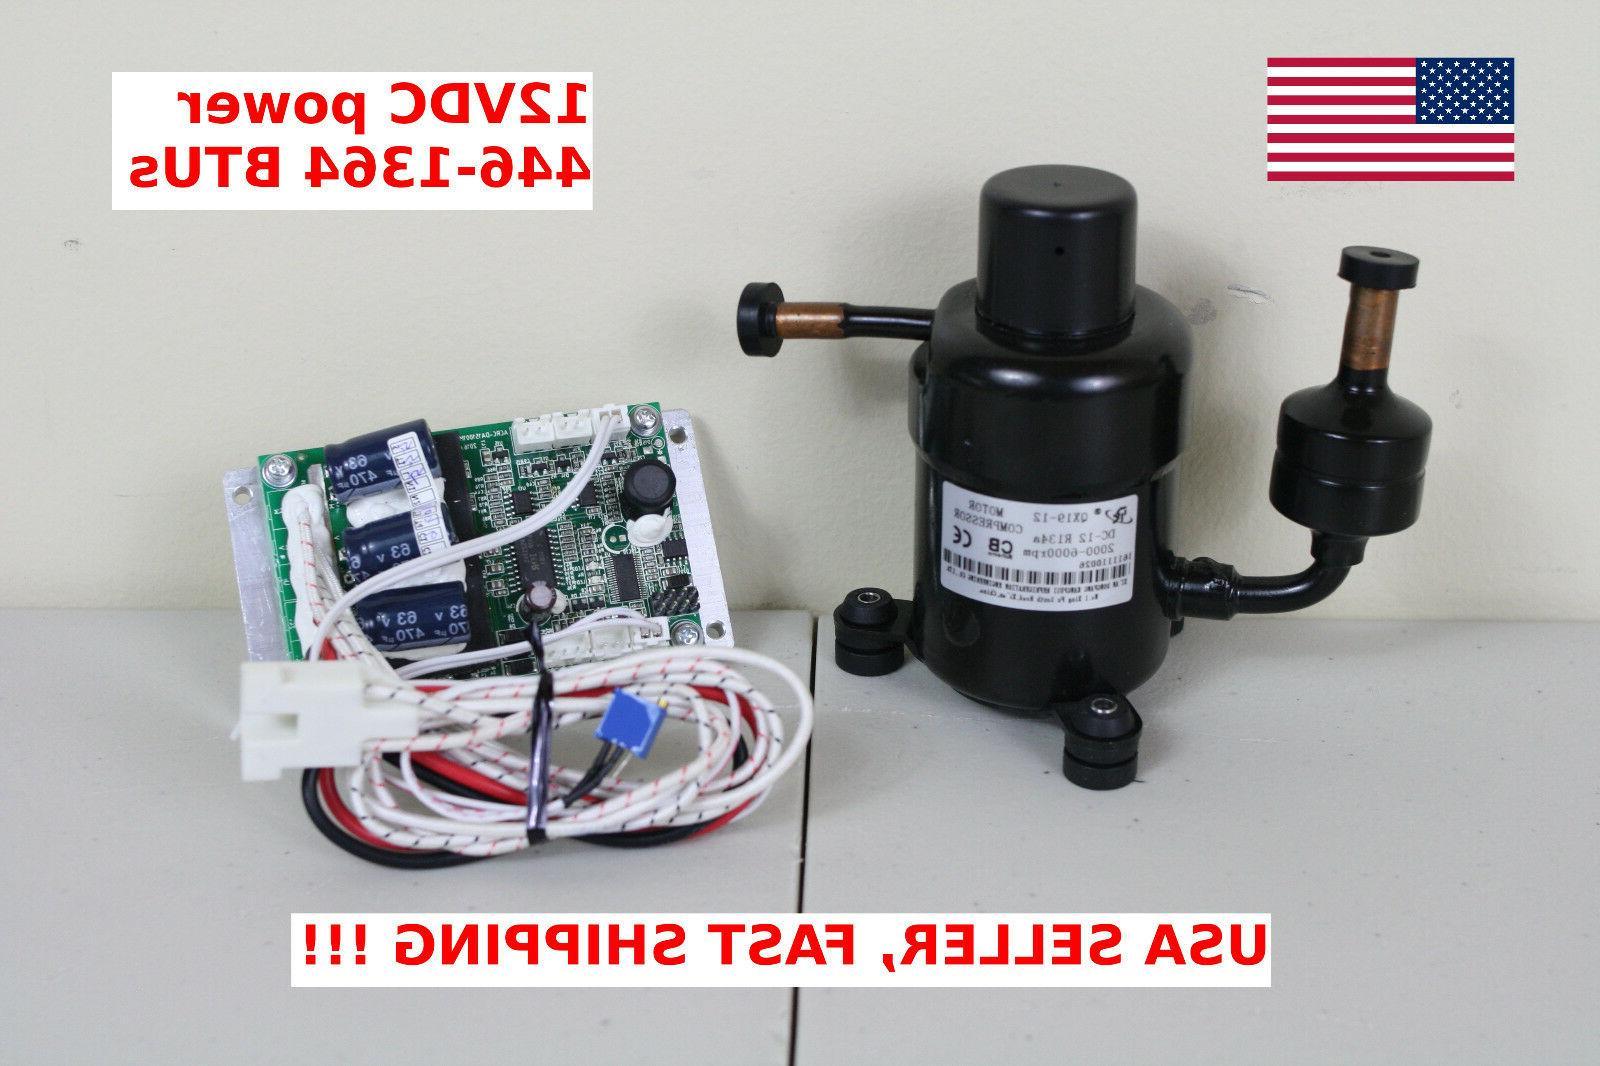 12V DC Mini Refrigeration Compressor Fridge Freezer Marine Solar QX19-12 R134a